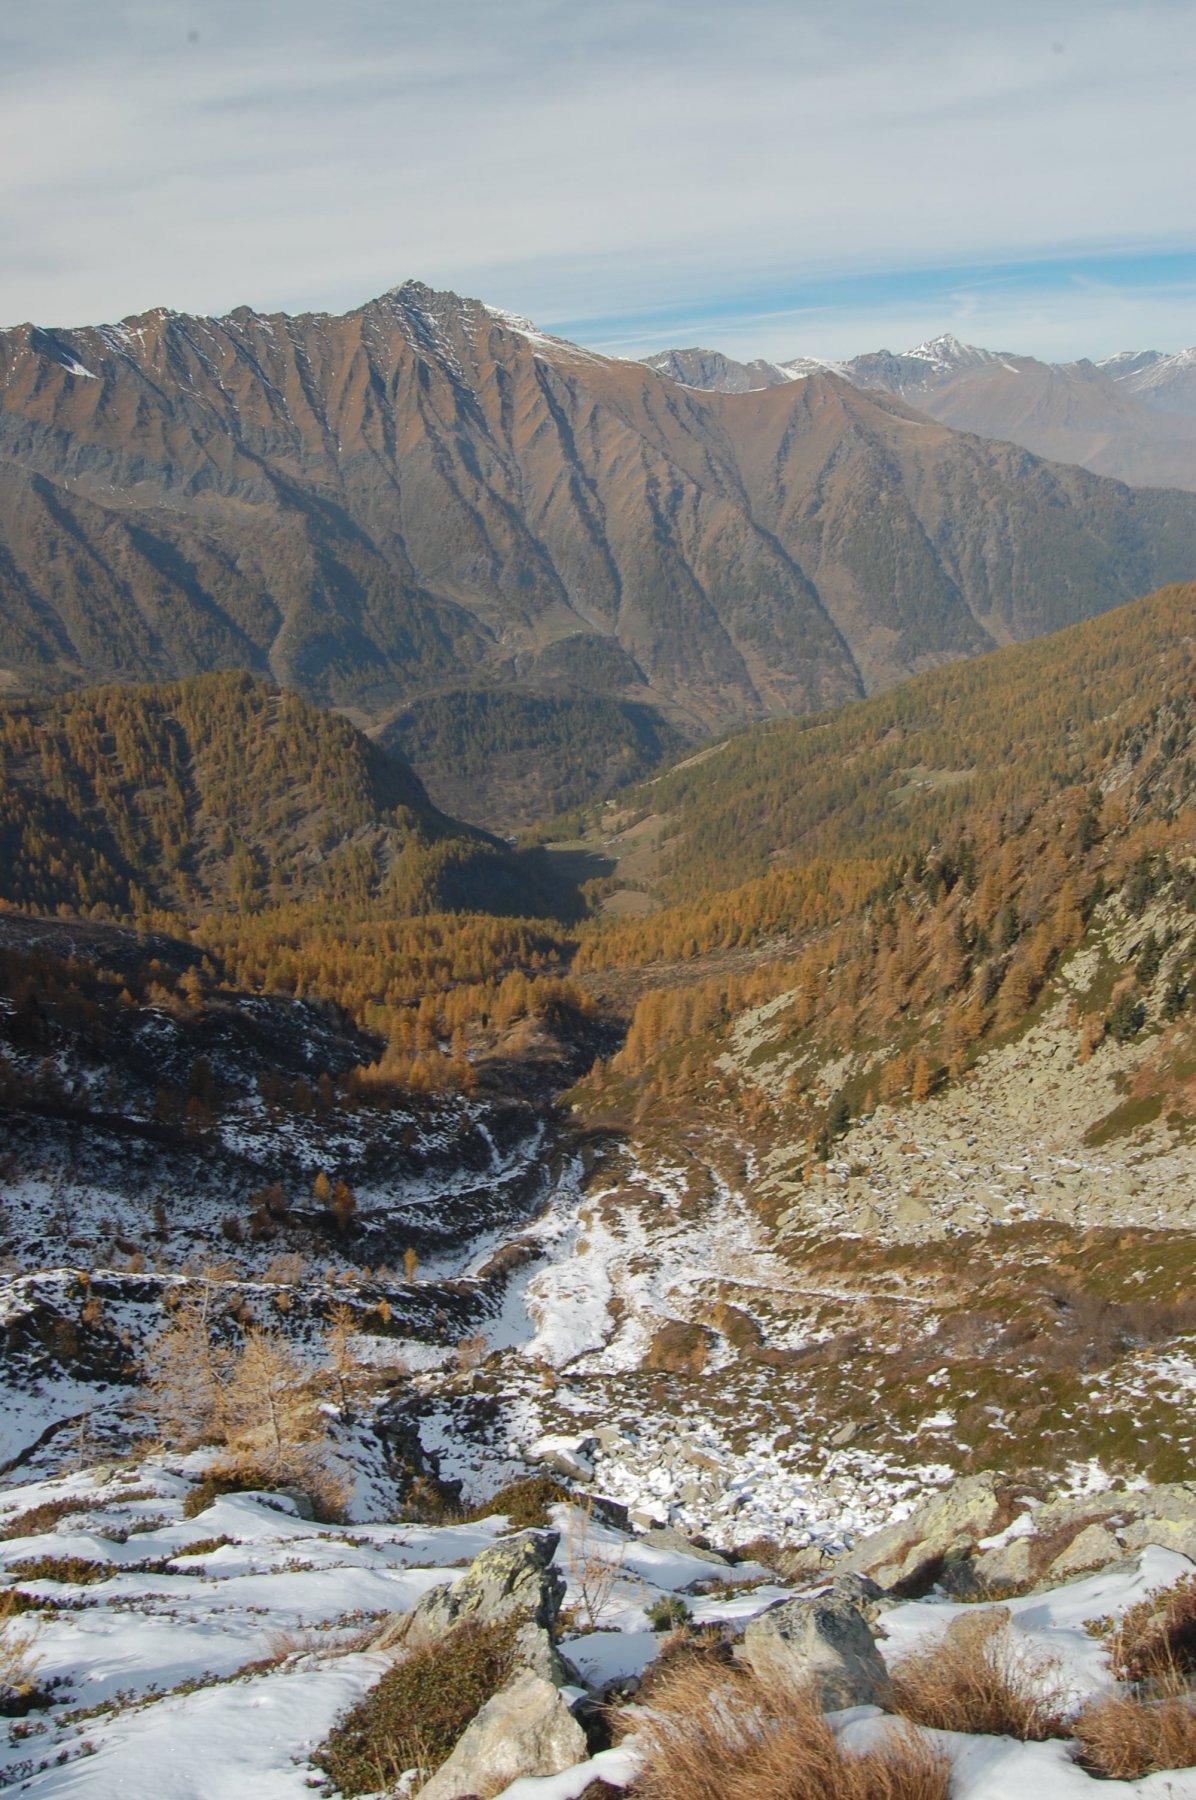 vallone delle miniere visto dall'alto